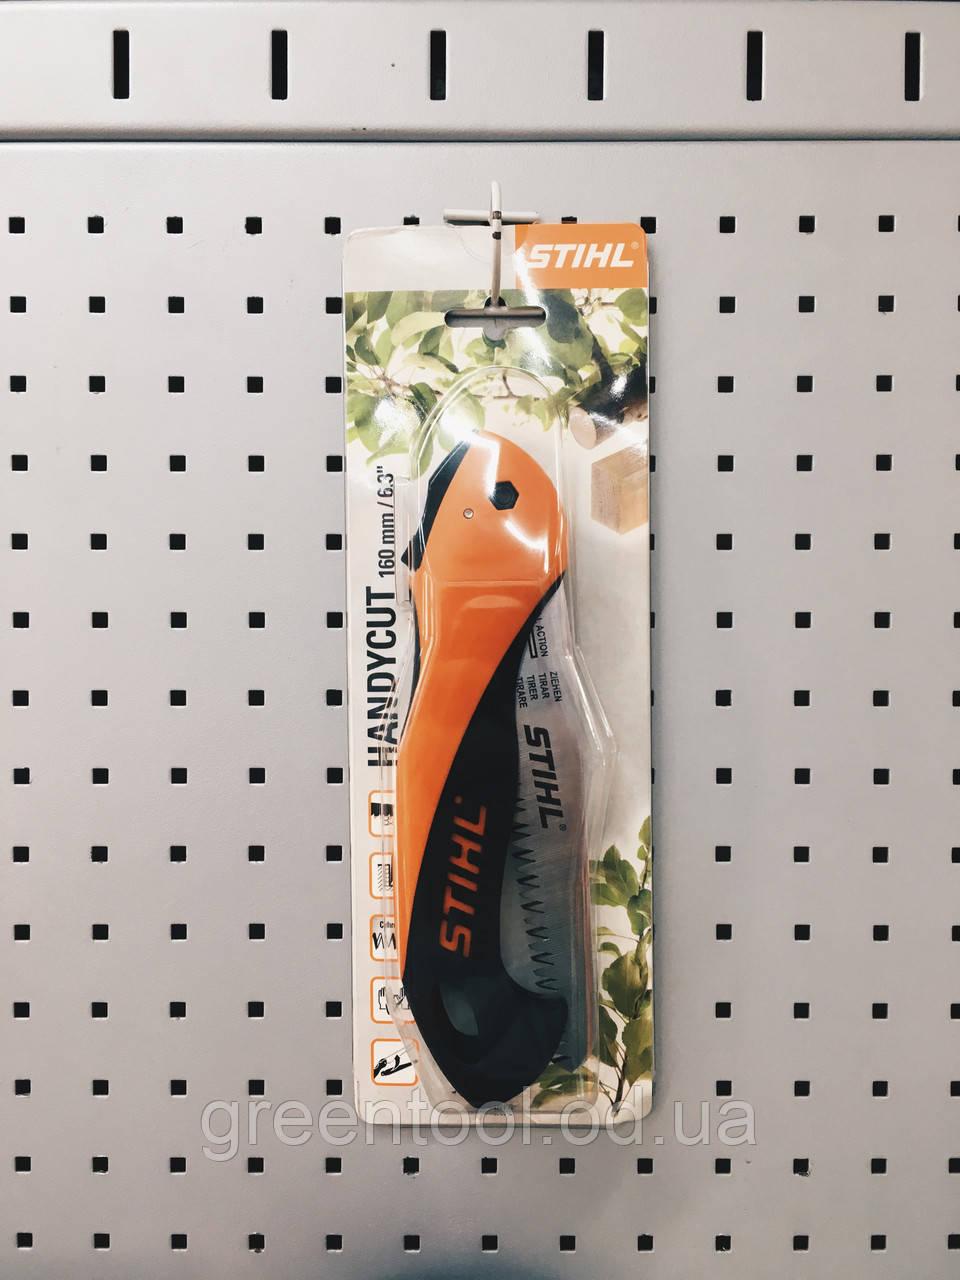 Пила STIHL HANDYCUT 16 см  для обрезки свежих и сухих ветвей